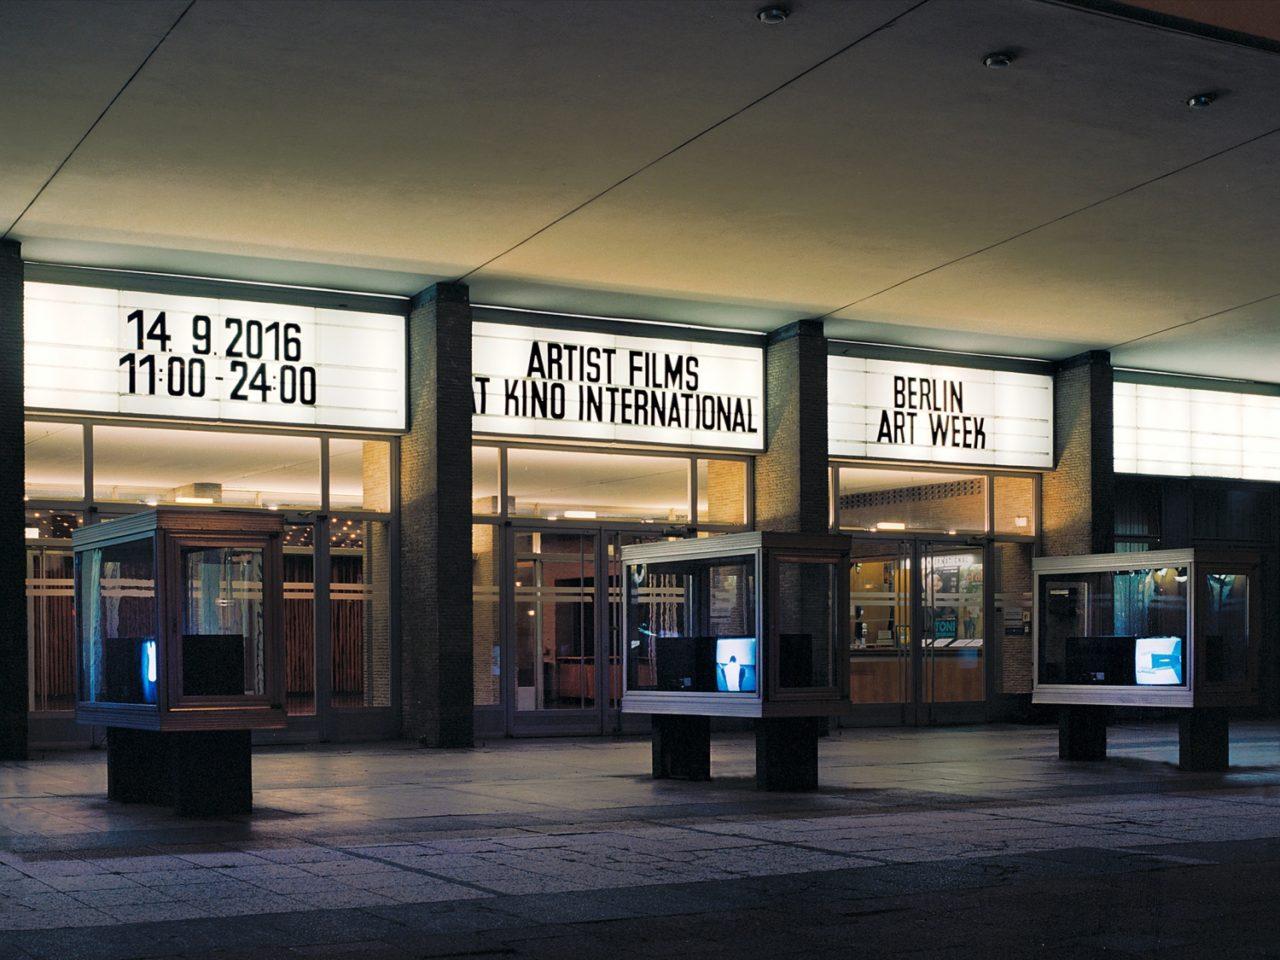 Artist Films at Kino International